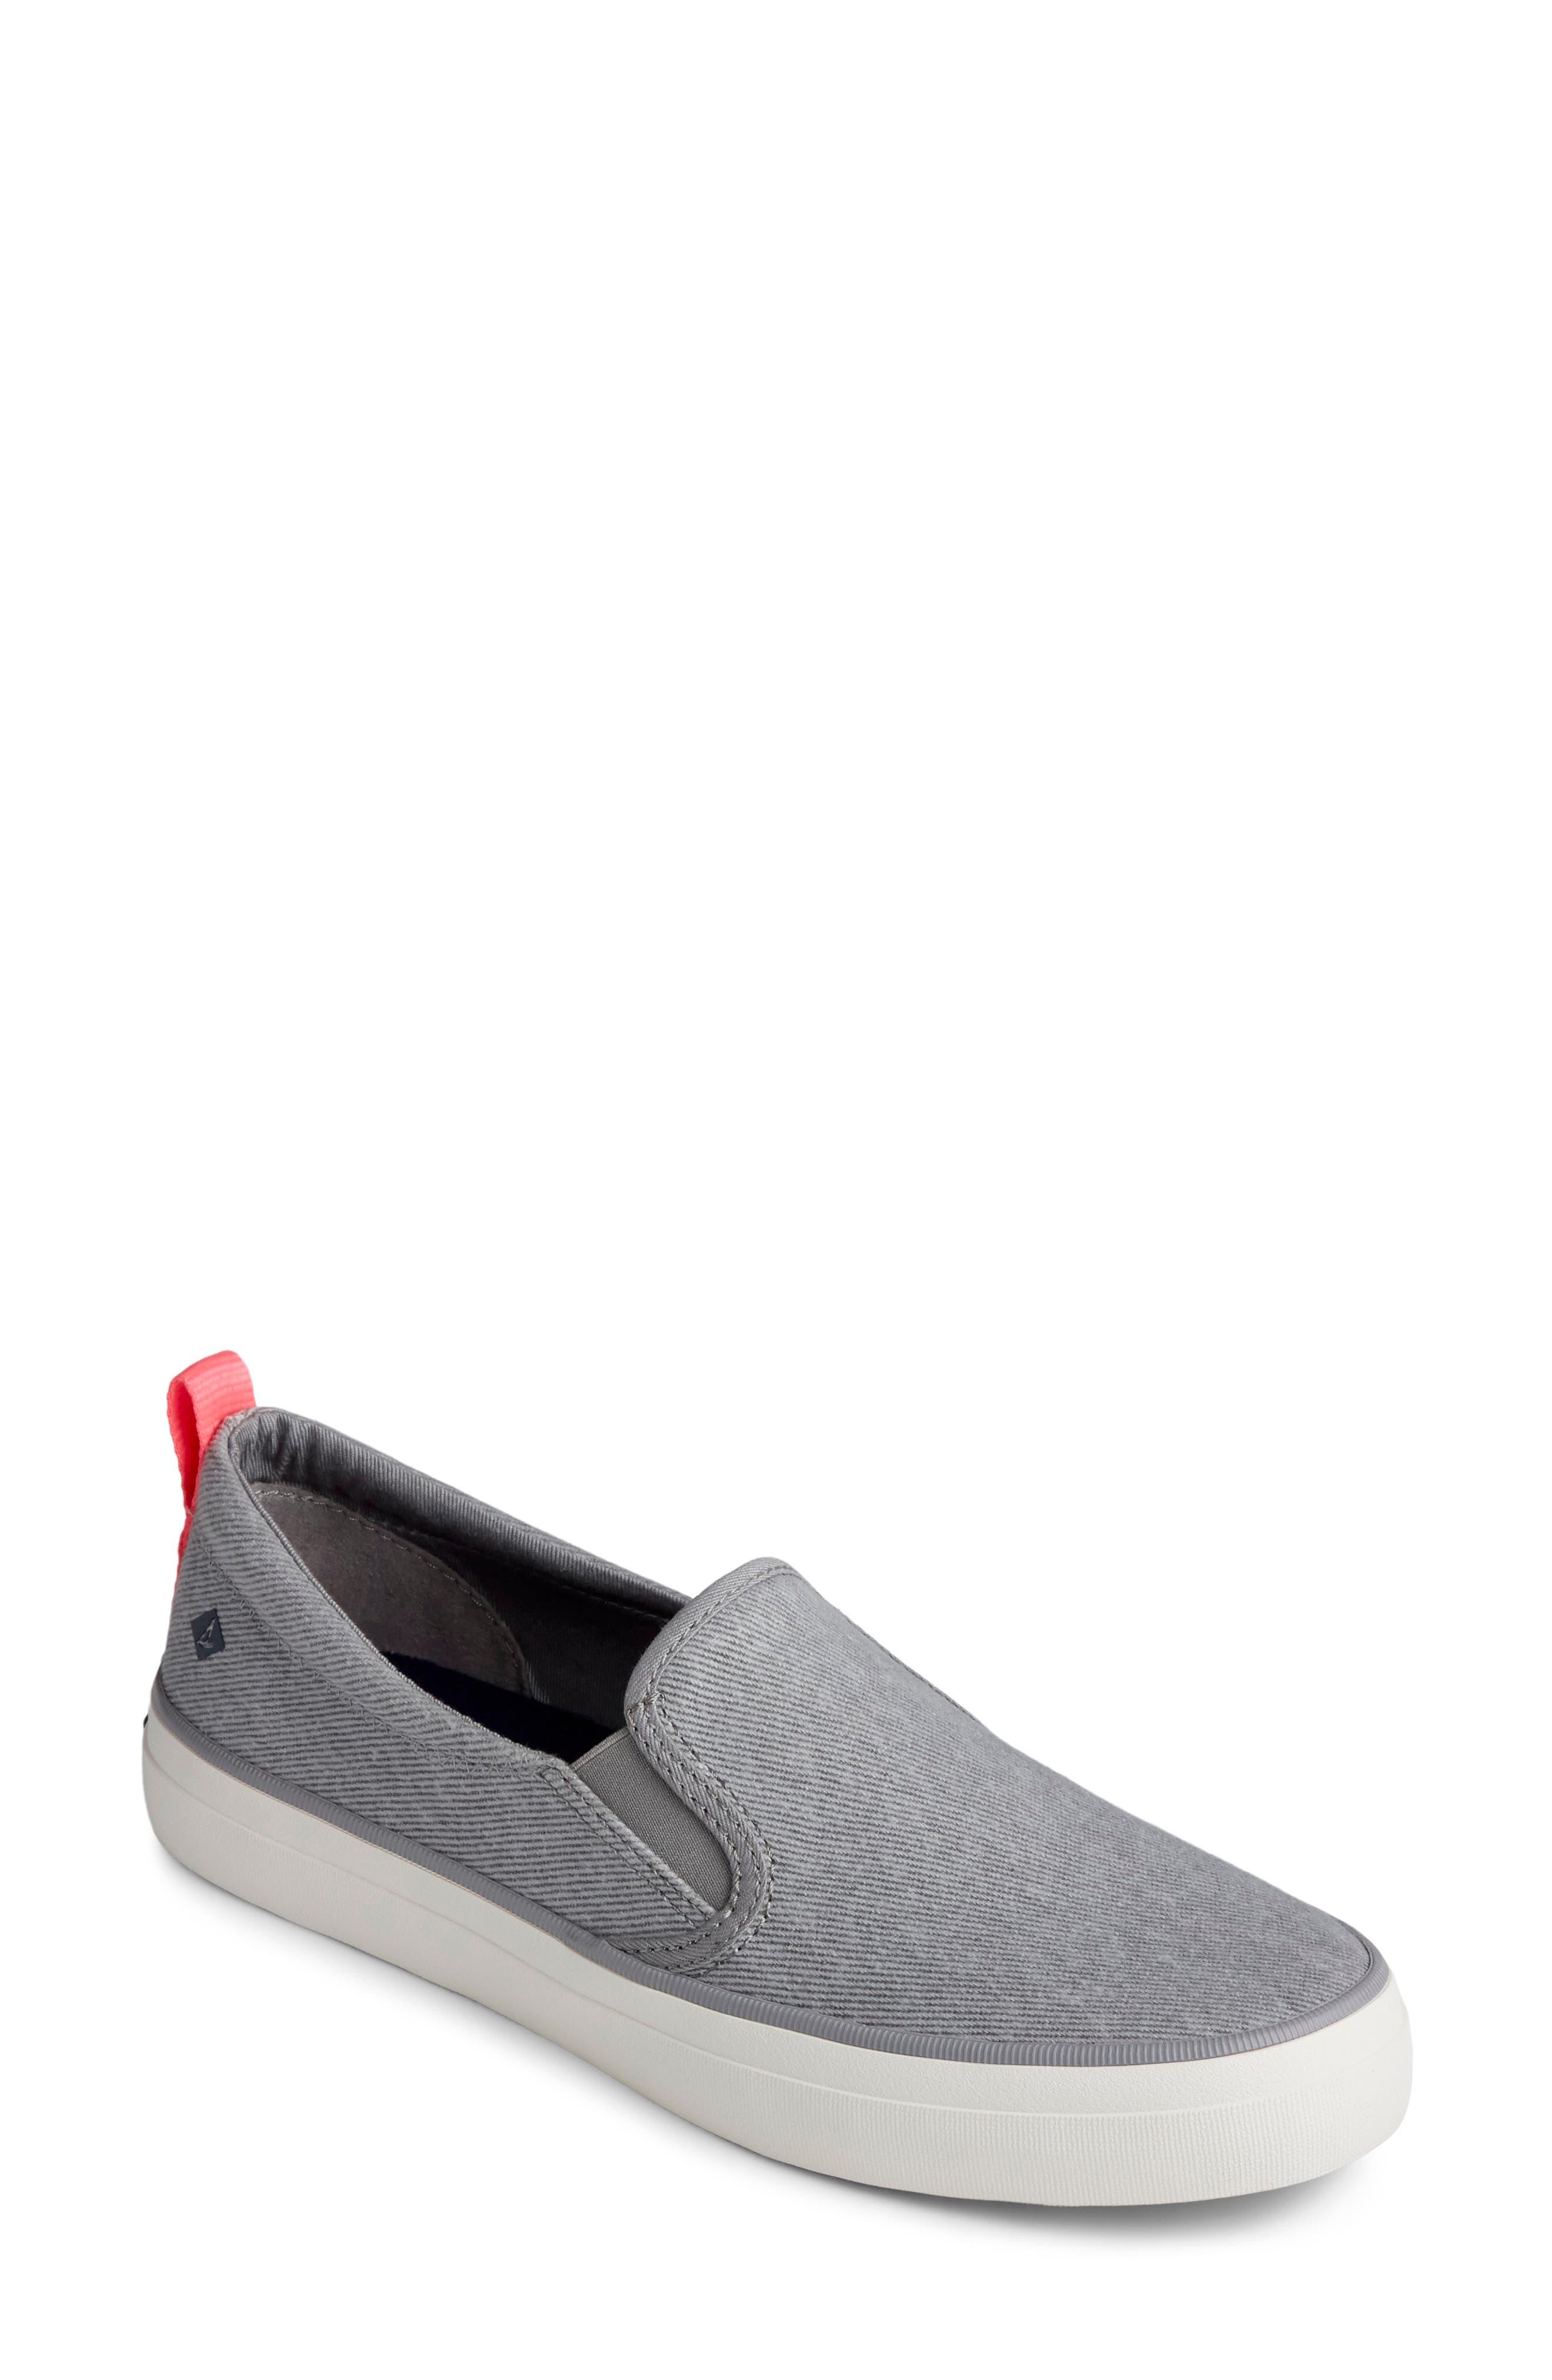 Sperry Crest Twin Gore Slip-On Sneaker